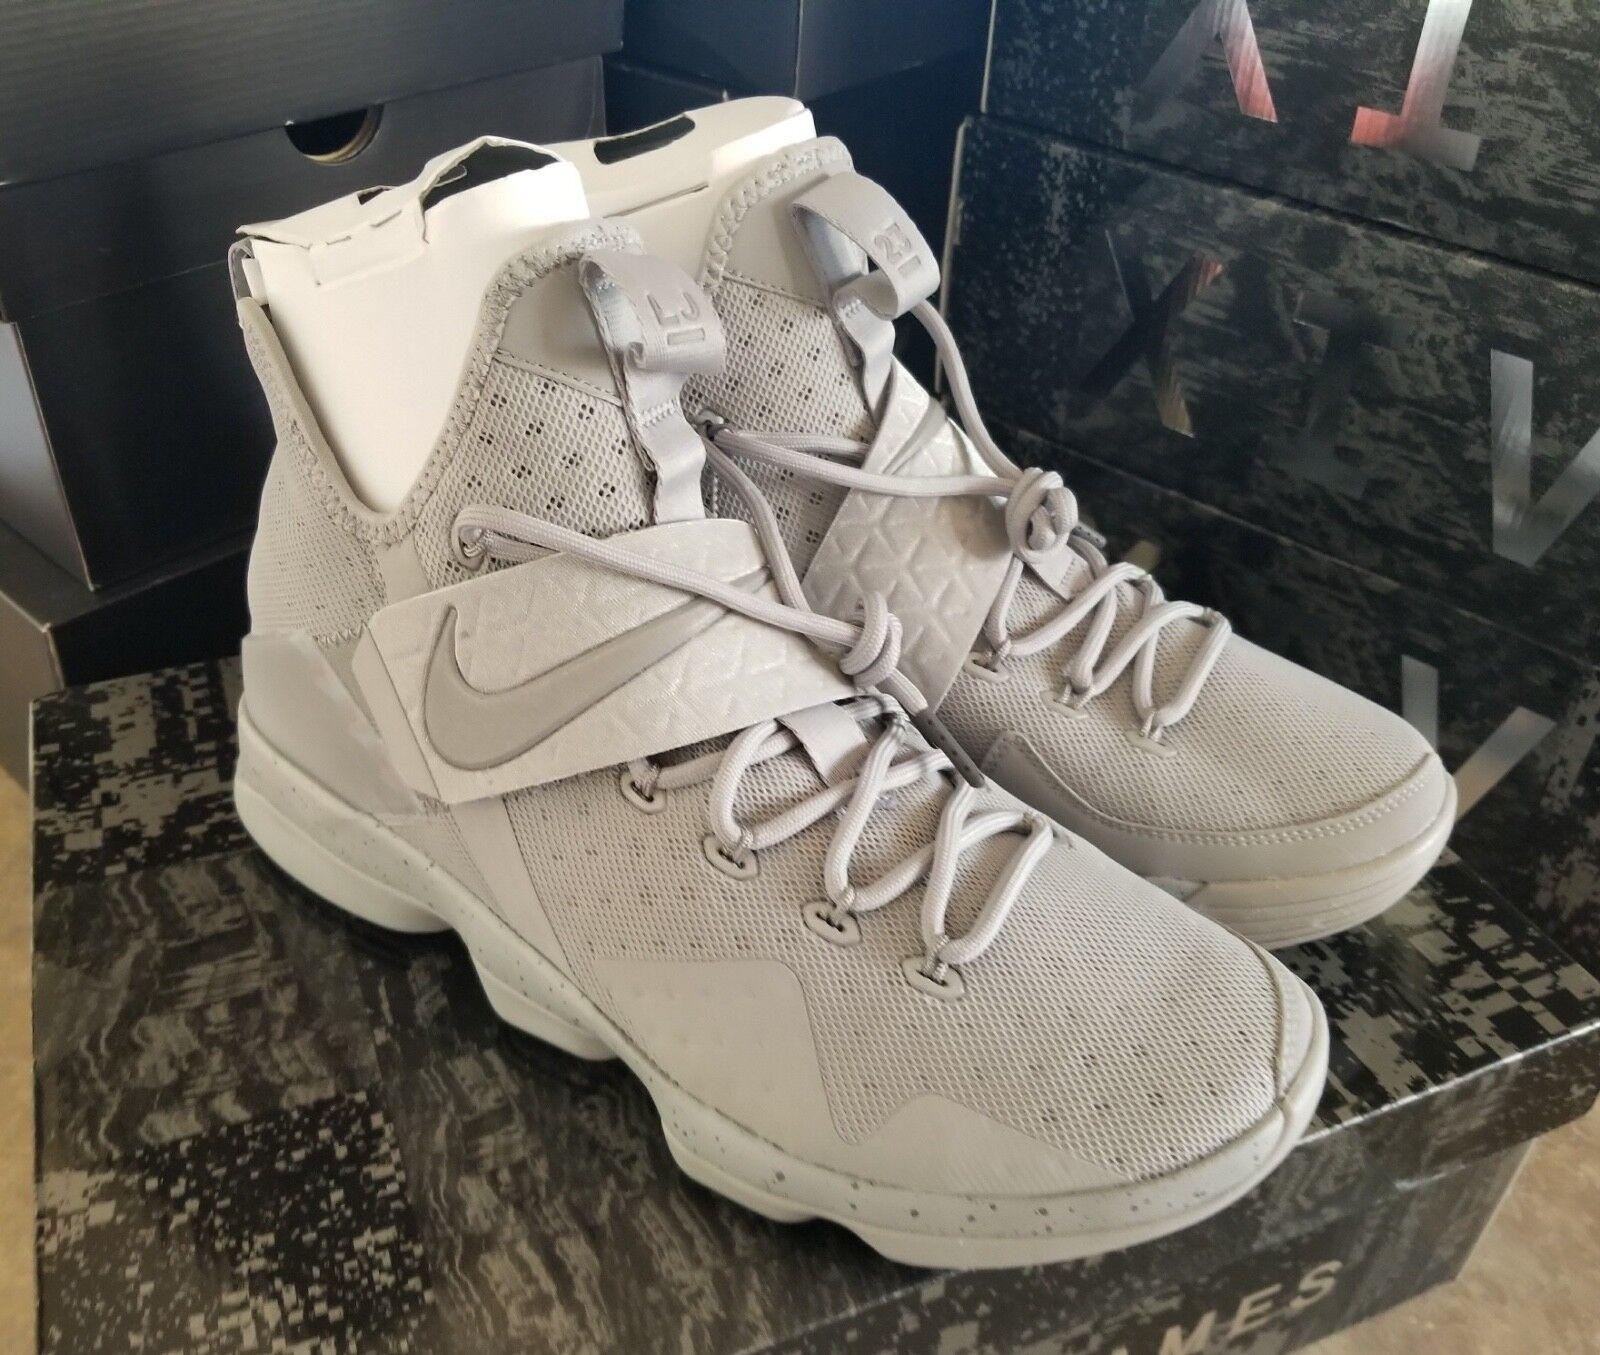 Nike LEBRON XIV 14 - 3M Silver Reflect Silver LBJ Sneakers  (852405 007) - Sz 12